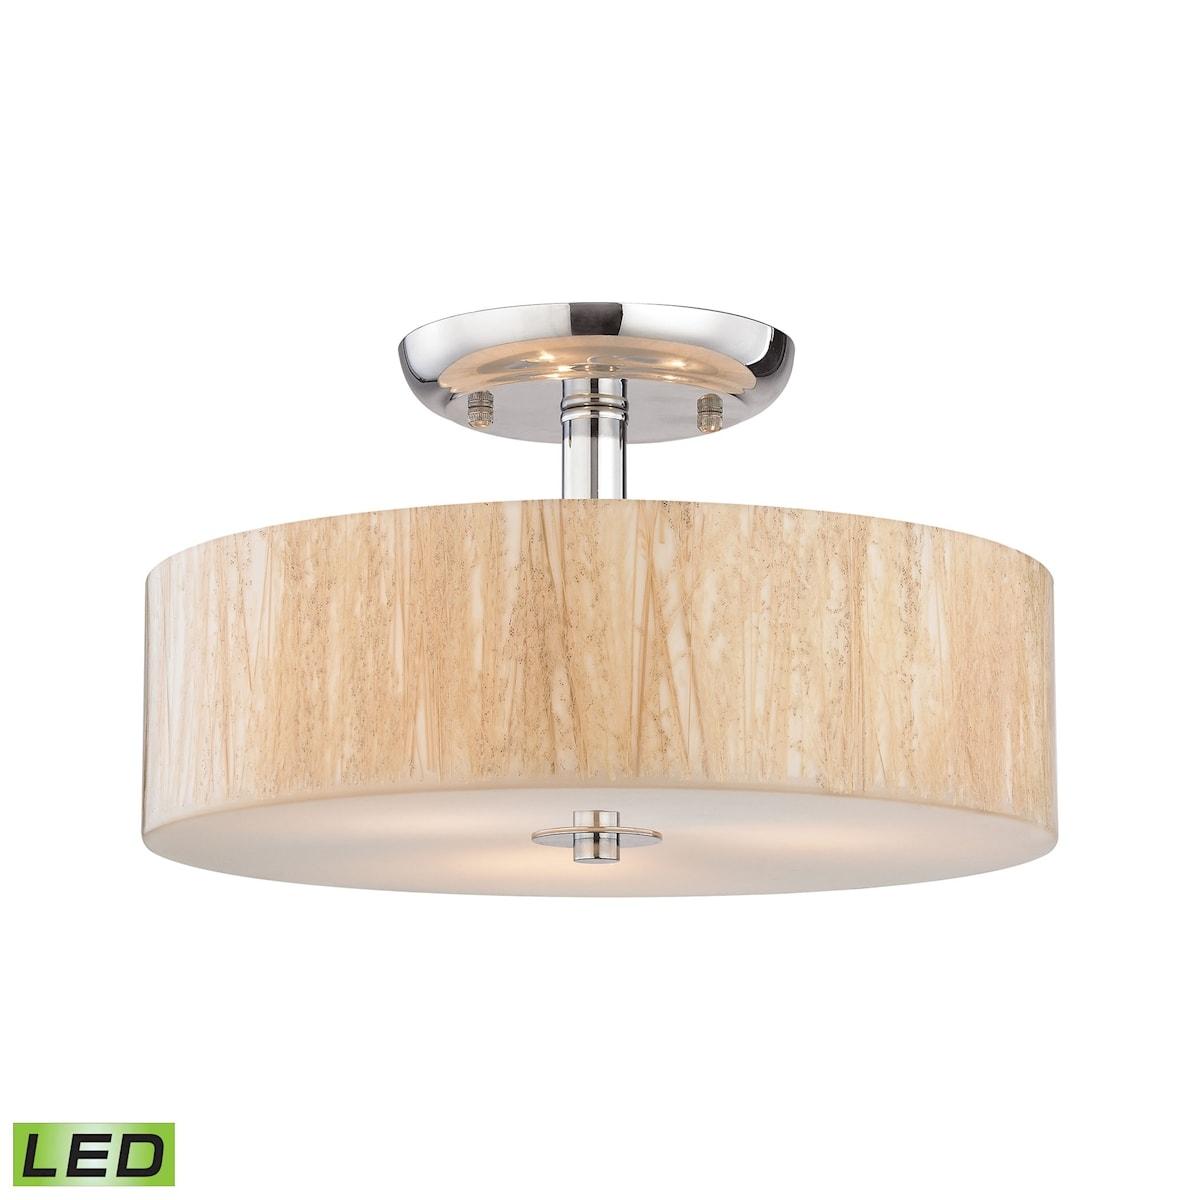 EL-19038/3-LED_Modern Organics 3 Light LED Semi Flush in Polished Chrome